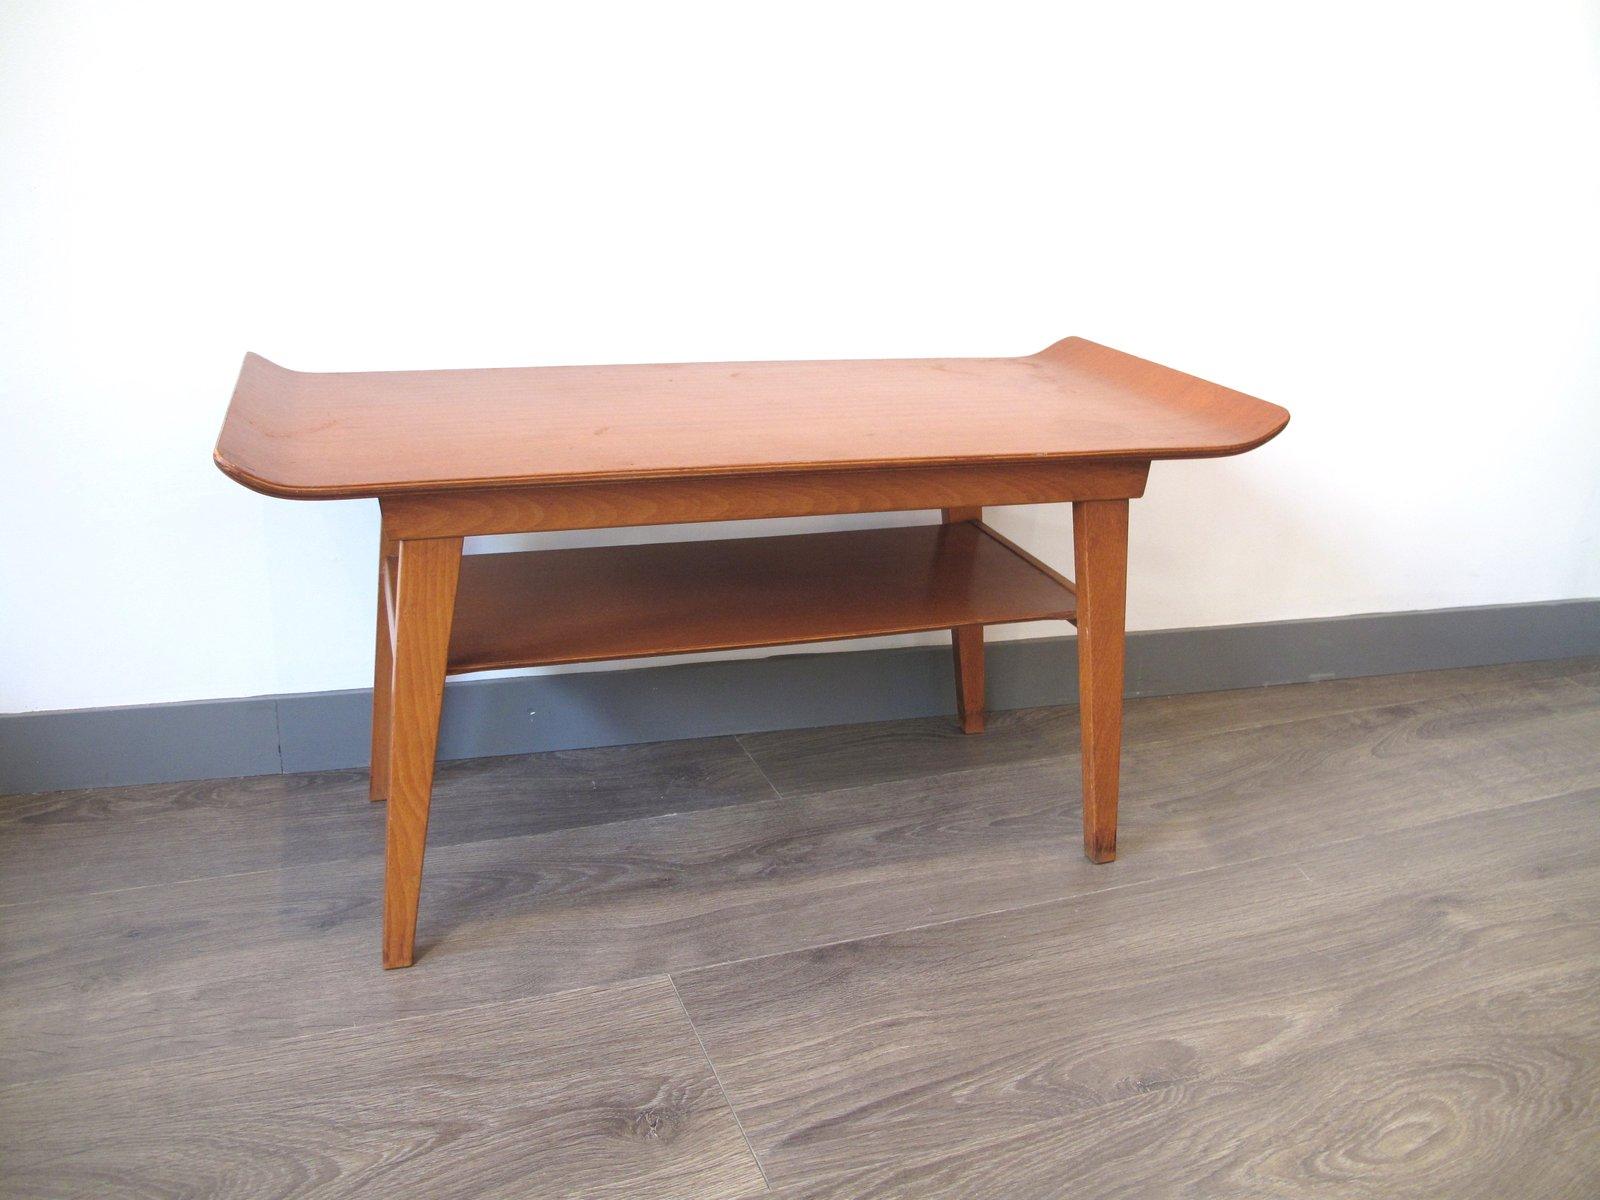 kleiner englischer couchtisch 1960er bei pamono kaufen. Black Bedroom Furniture Sets. Home Design Ideas